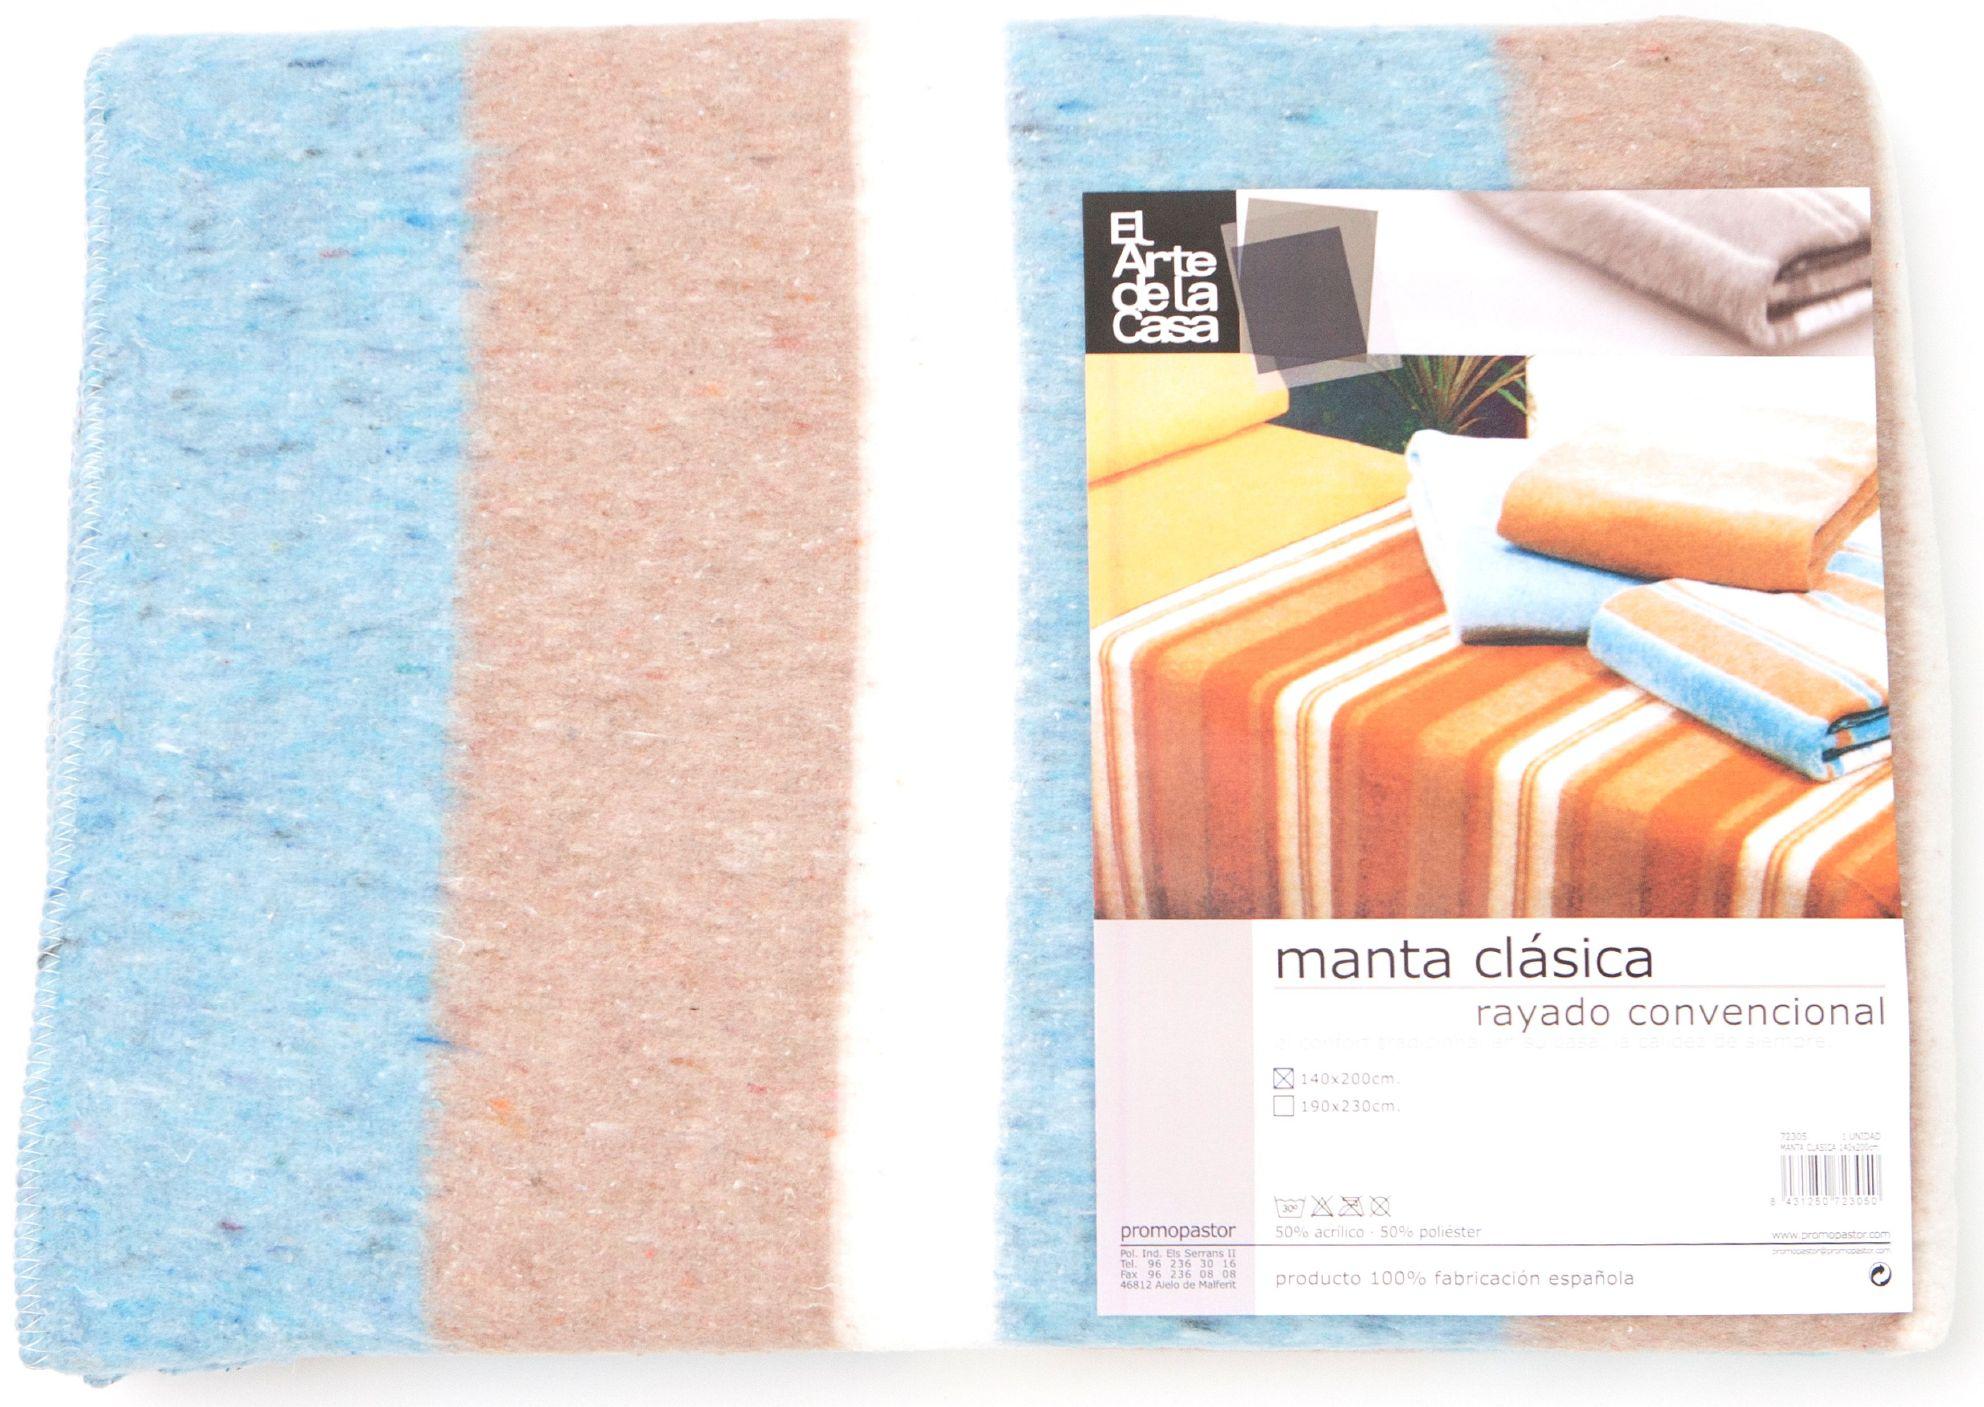 MANTA CLASICA 140x200